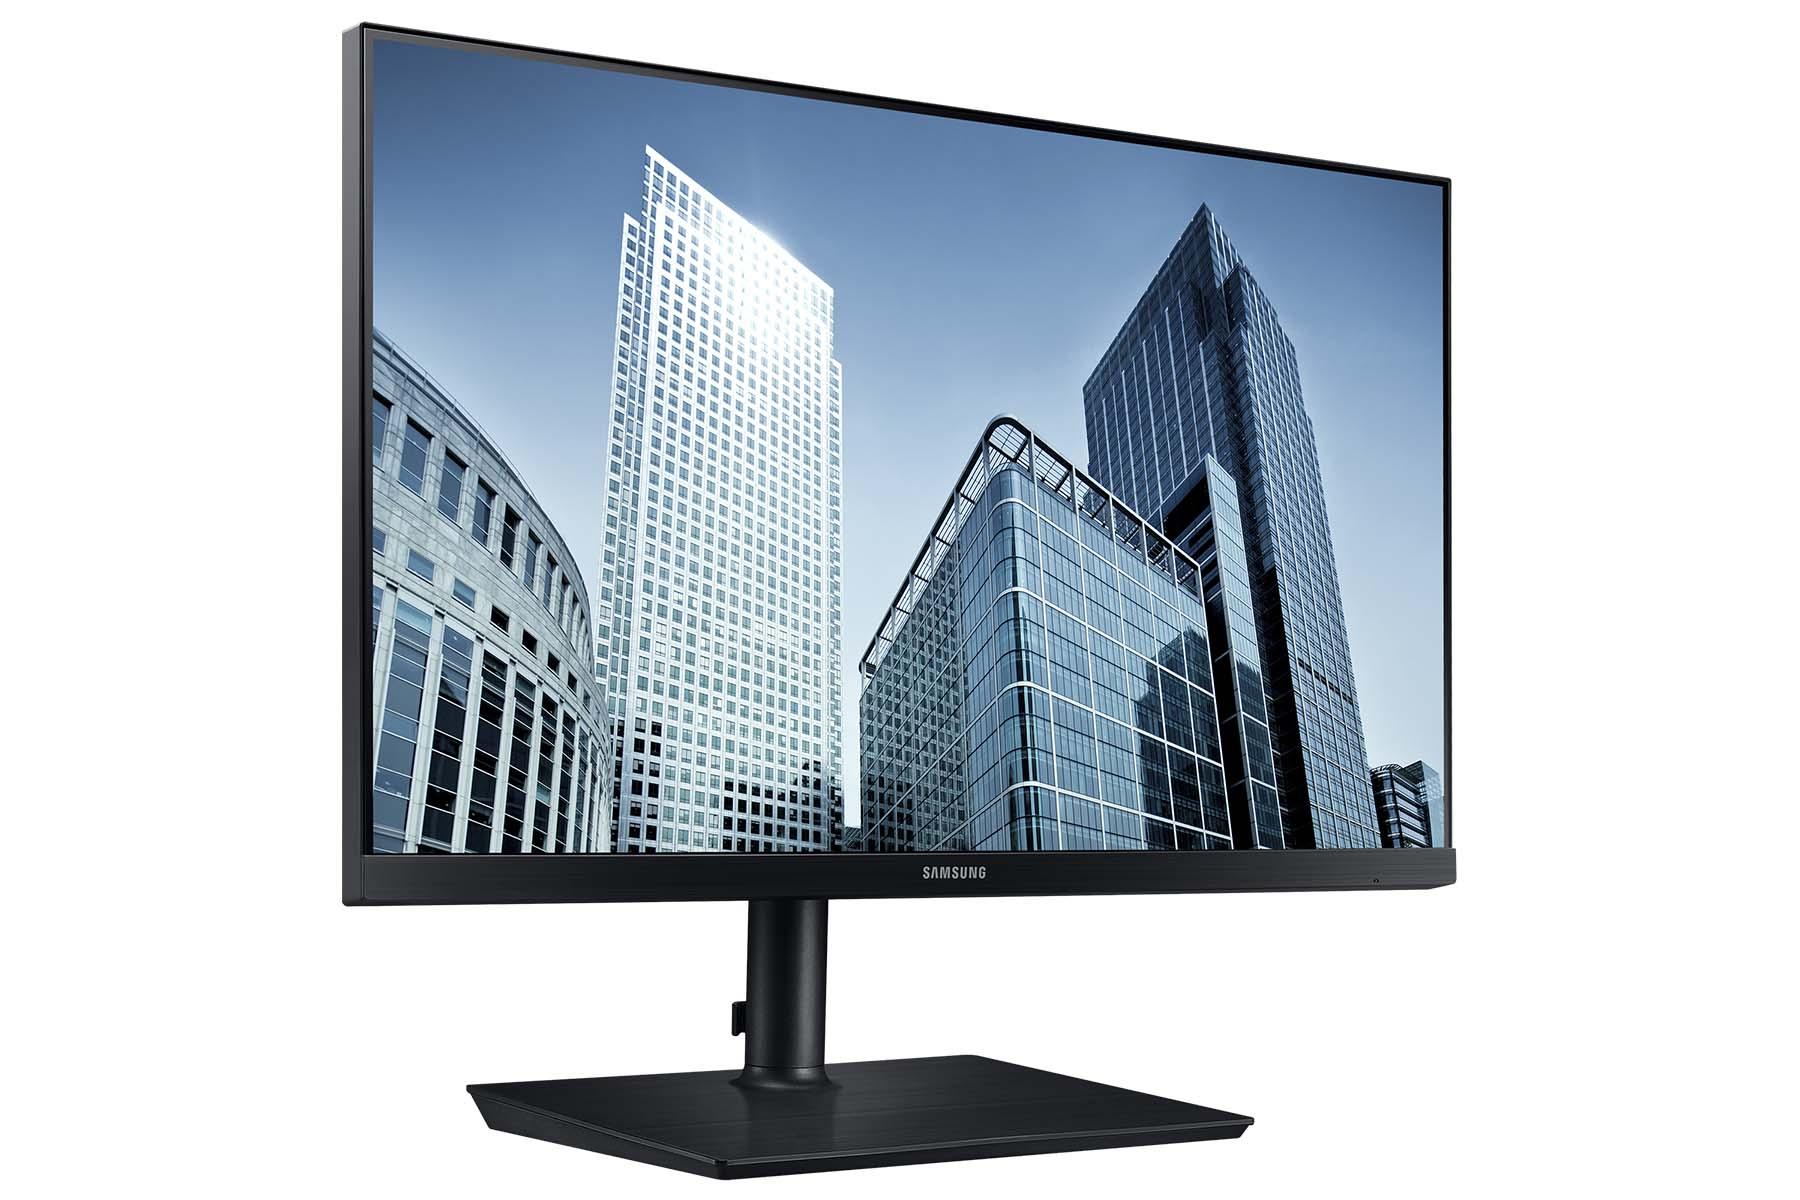 24' Samsung S24H850 WHQD - HDMI